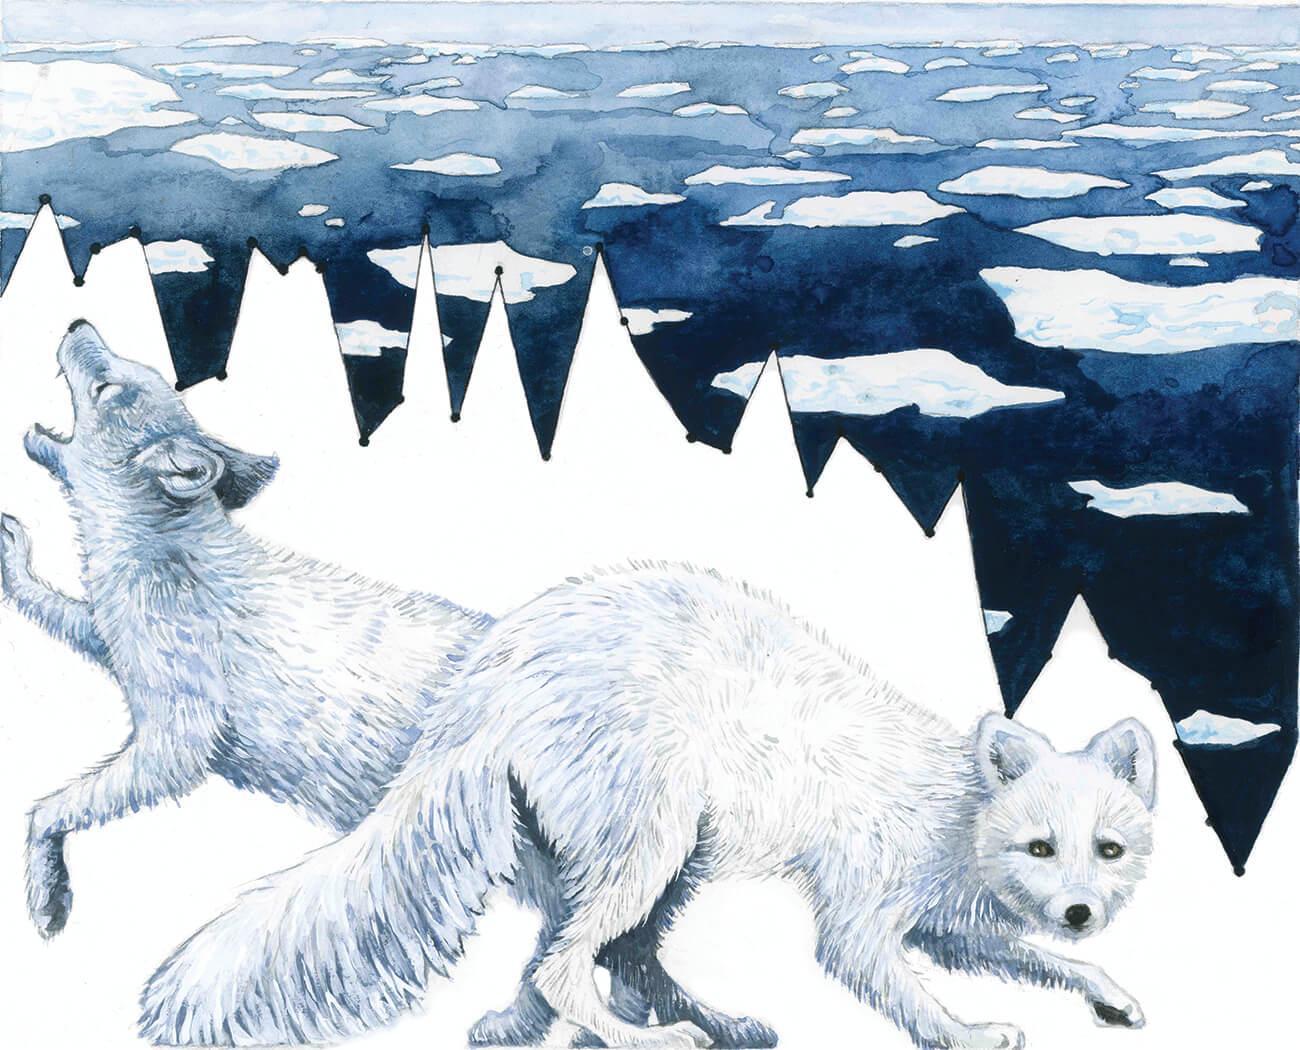 """""""Habitat Degradation: Arctic Melt,"""" Jill Pelto, 2016"""